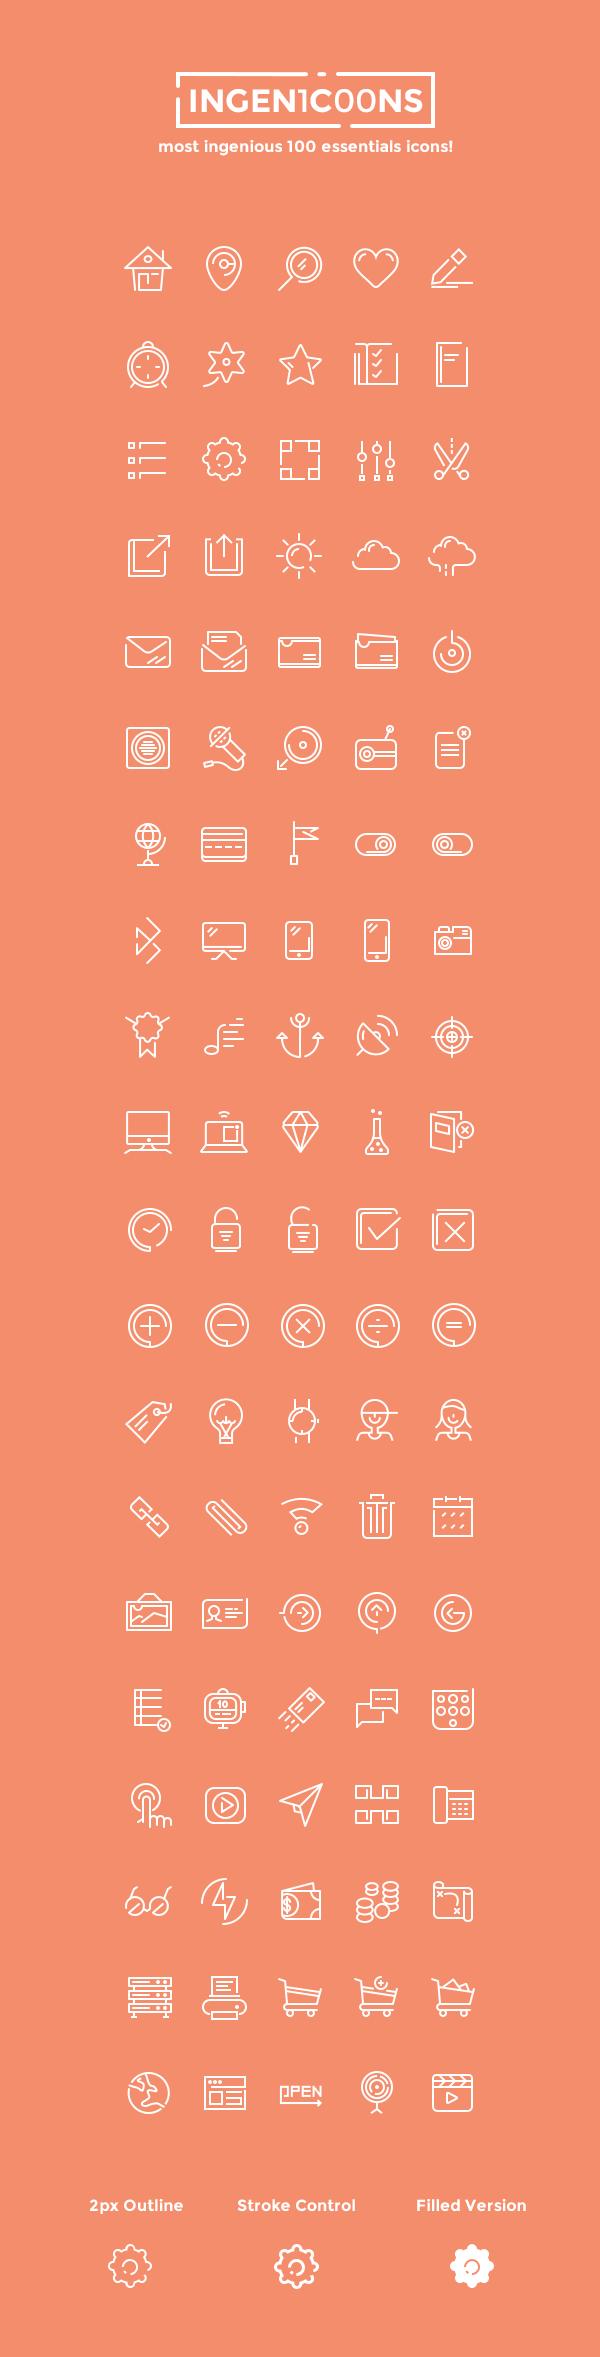 Иконки Ingenicons (.Ai + .Psd + .Png) скачать бесплатно